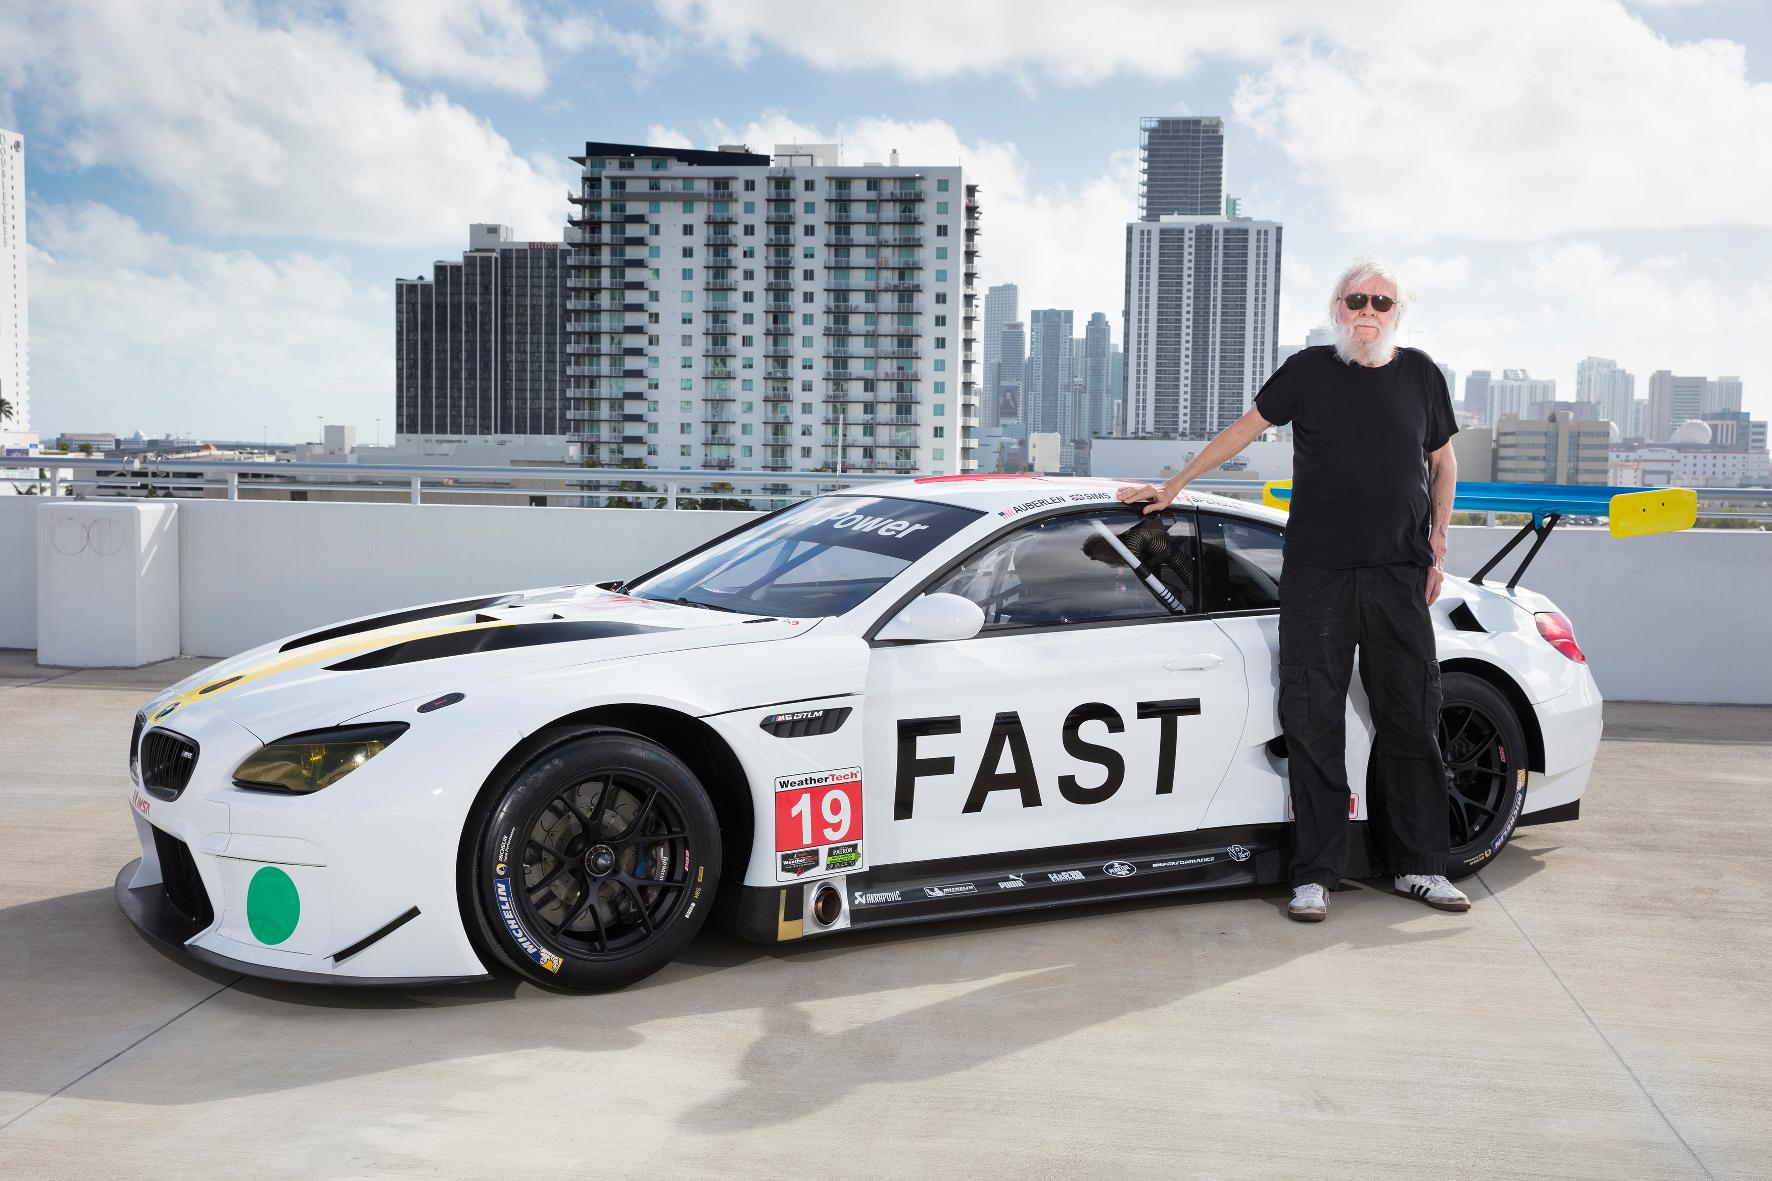 mid Groß-Gerau - Über den Dächern von Miami: US-Künstler John Baldessari und sein BMW M6 GTLM Art Car.